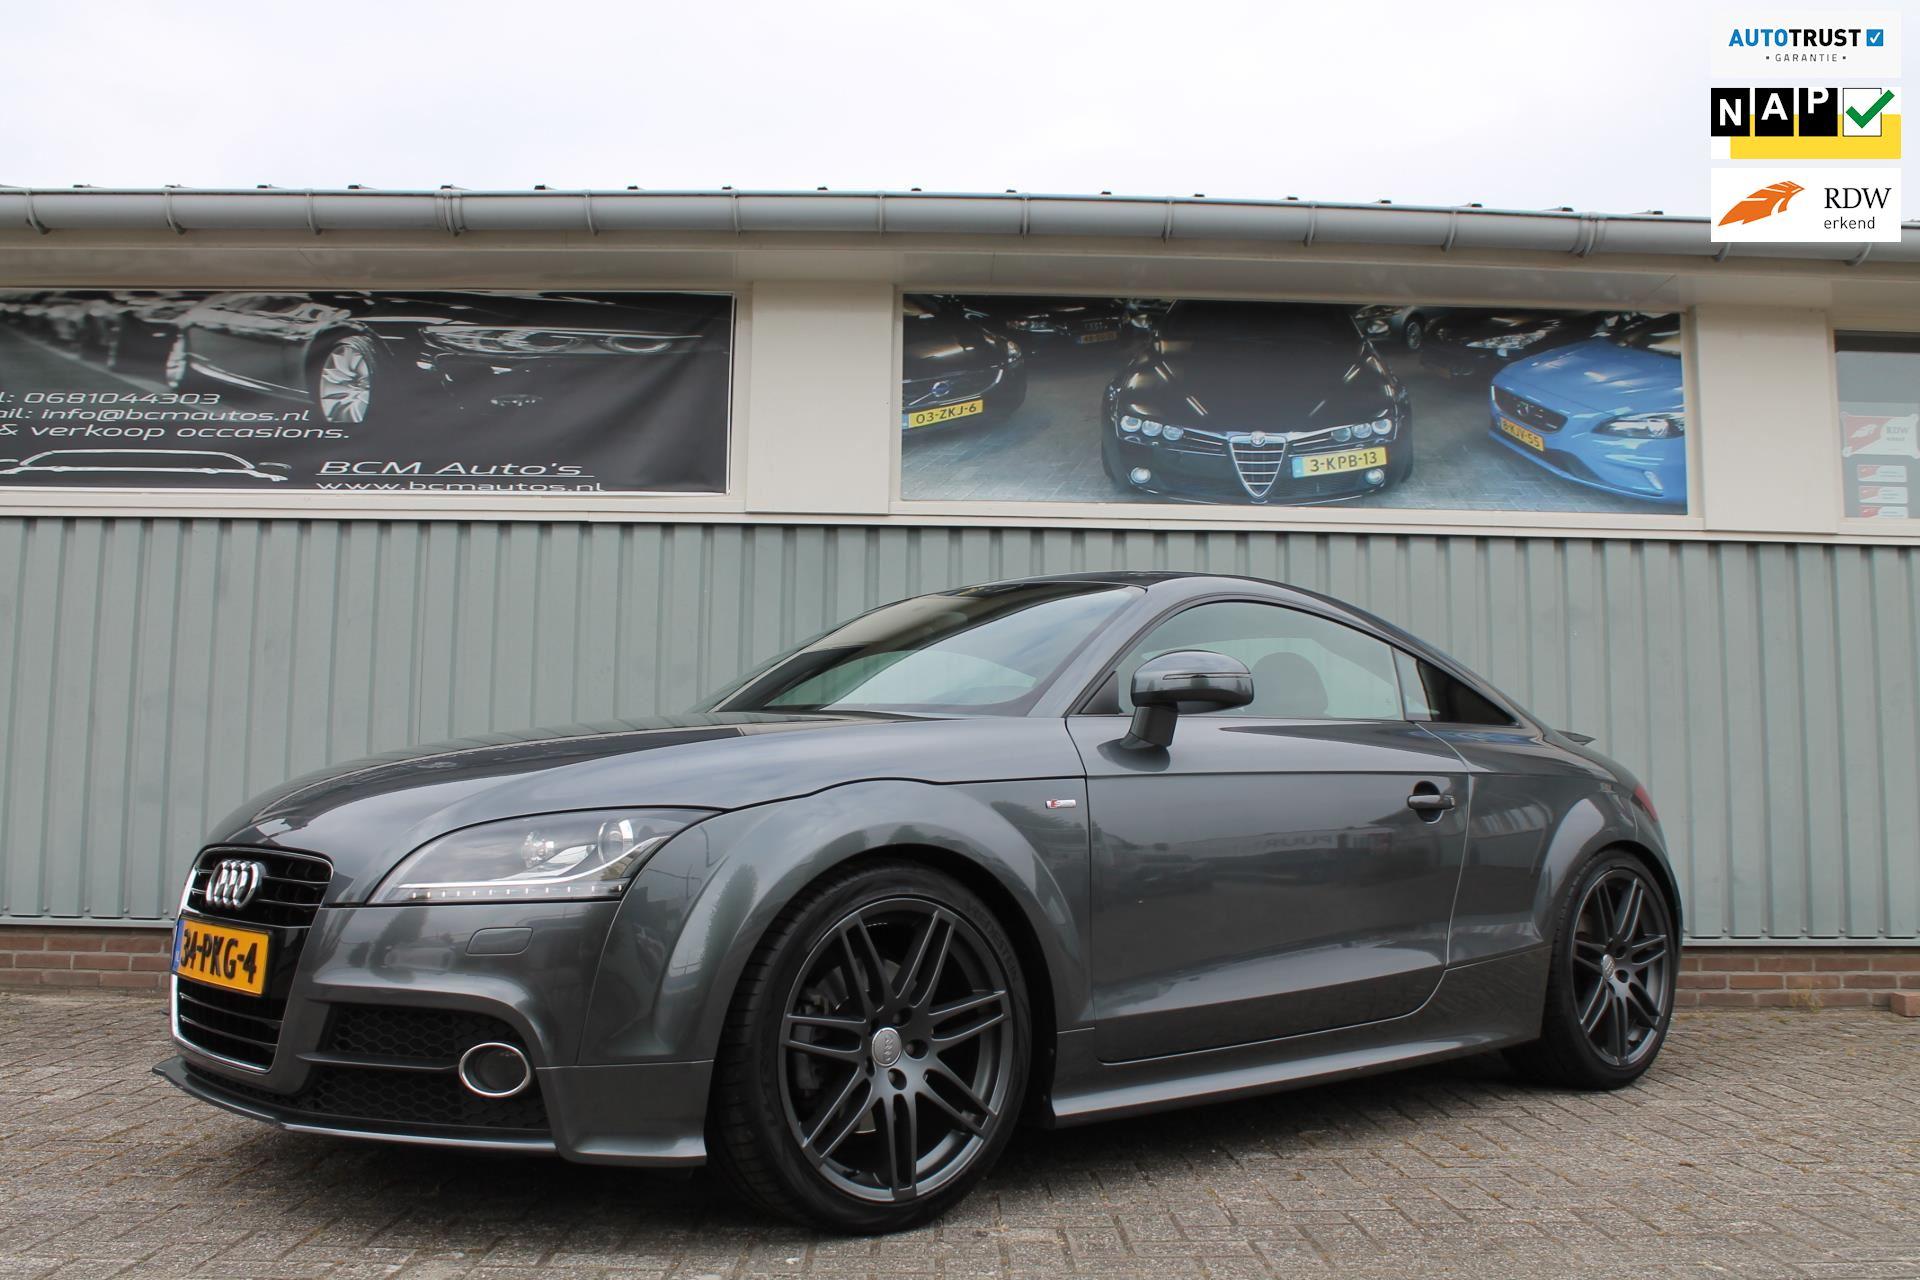 Audi TT occasion - BCM Auto`s